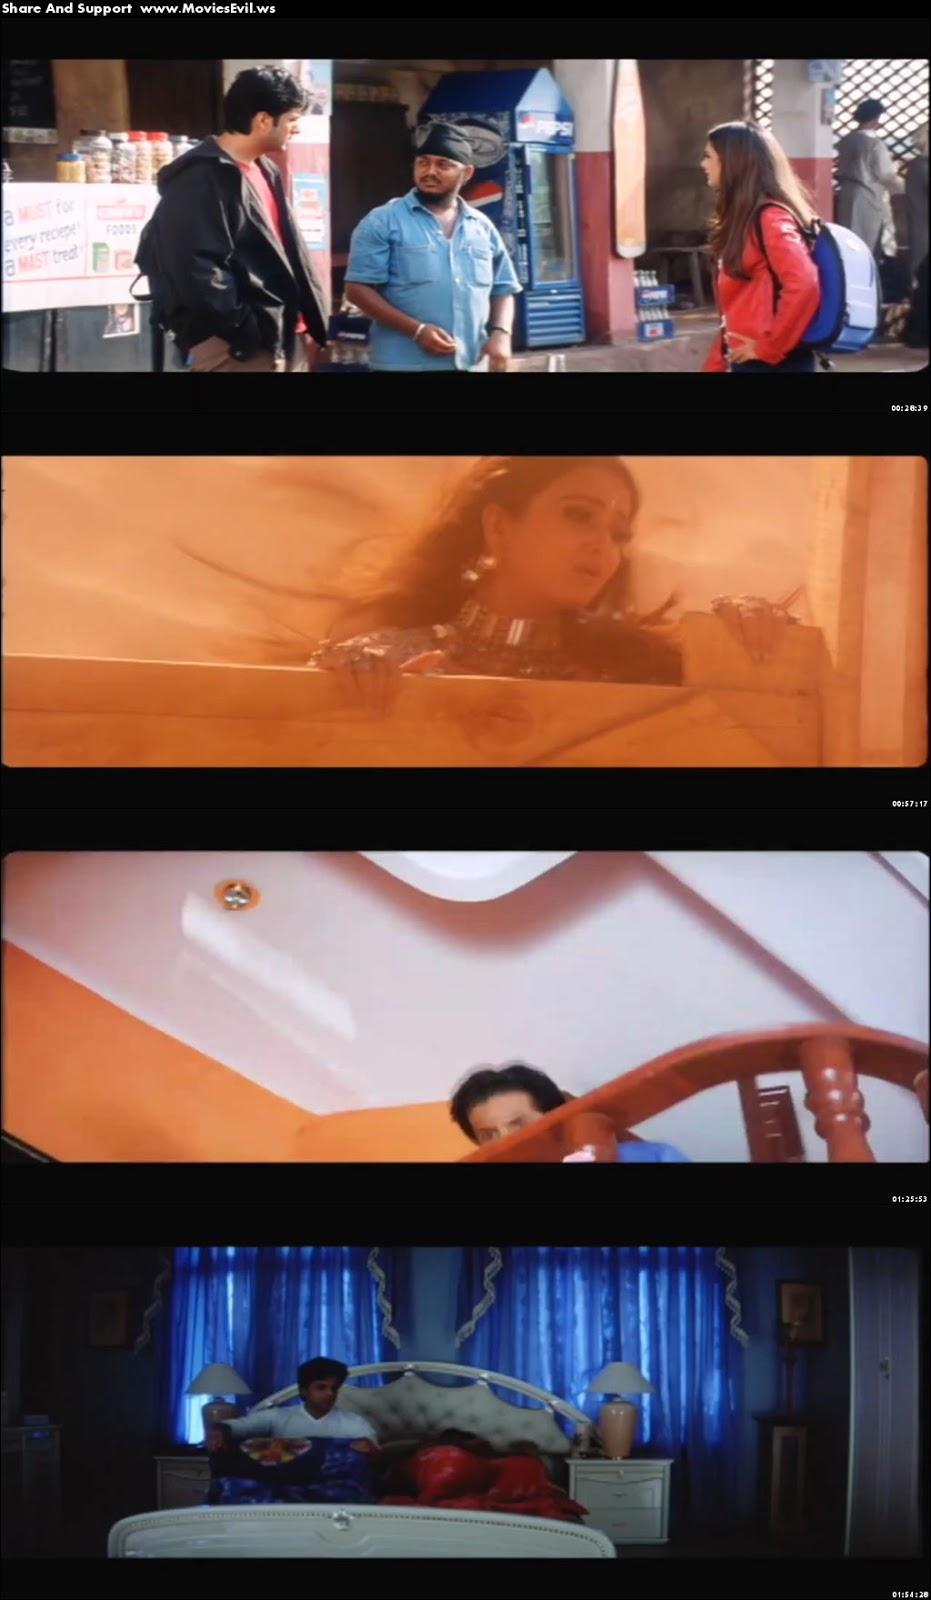 Kitne Door Kitne Paas 2002 full movie download,Kitne Door Kitne Paas 2002 watch online,Kitne Door Kitne Paas 2002 300 mb download,Kitne Door Kitne Paas 2002 direct link download,Kitne Door Kitne Paas 2002 720p bluray download